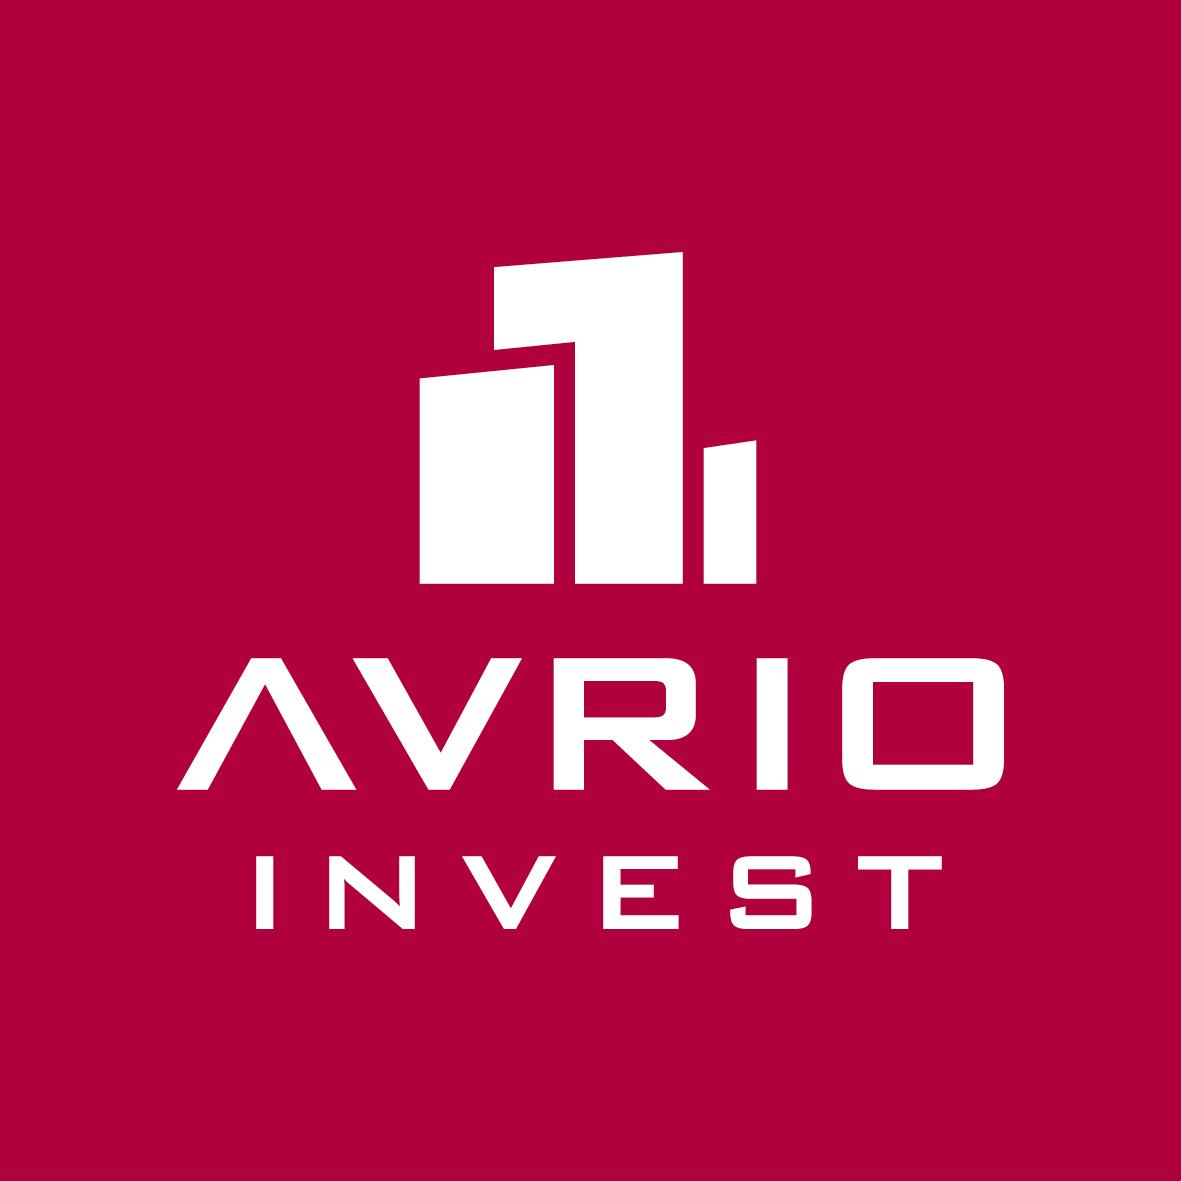 AVRIOINVEST logo